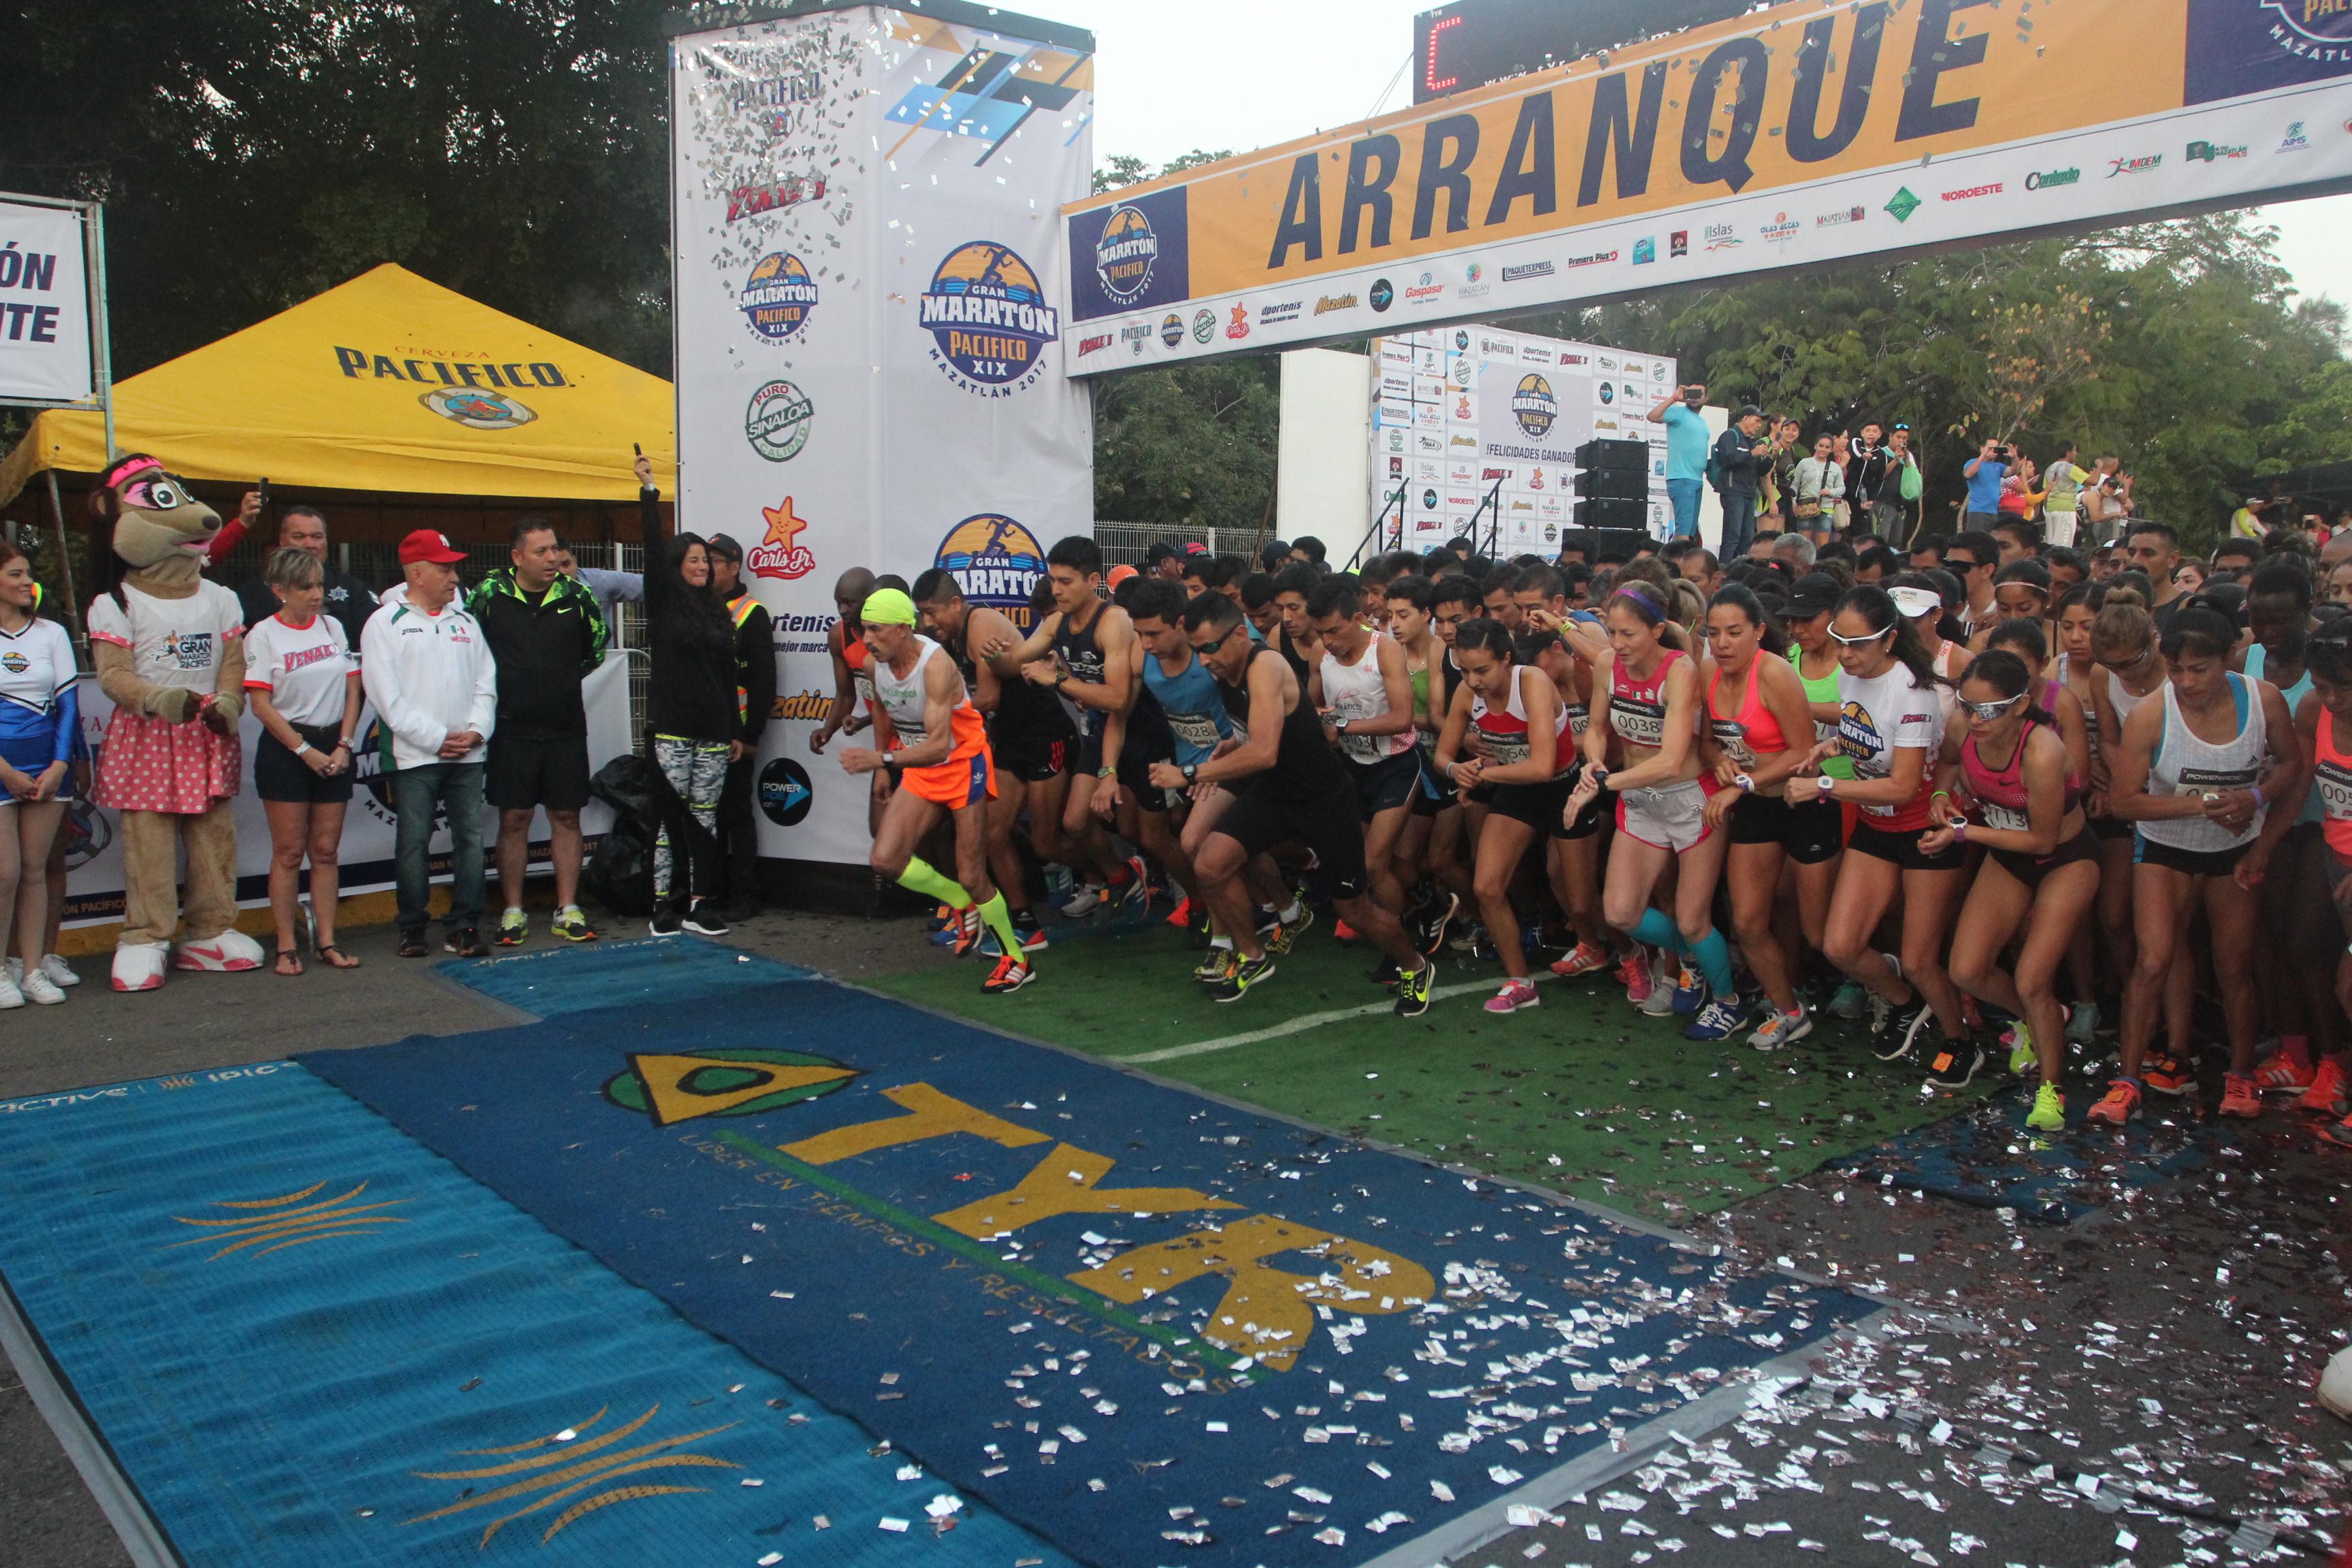 maraton pacifico mazatlan